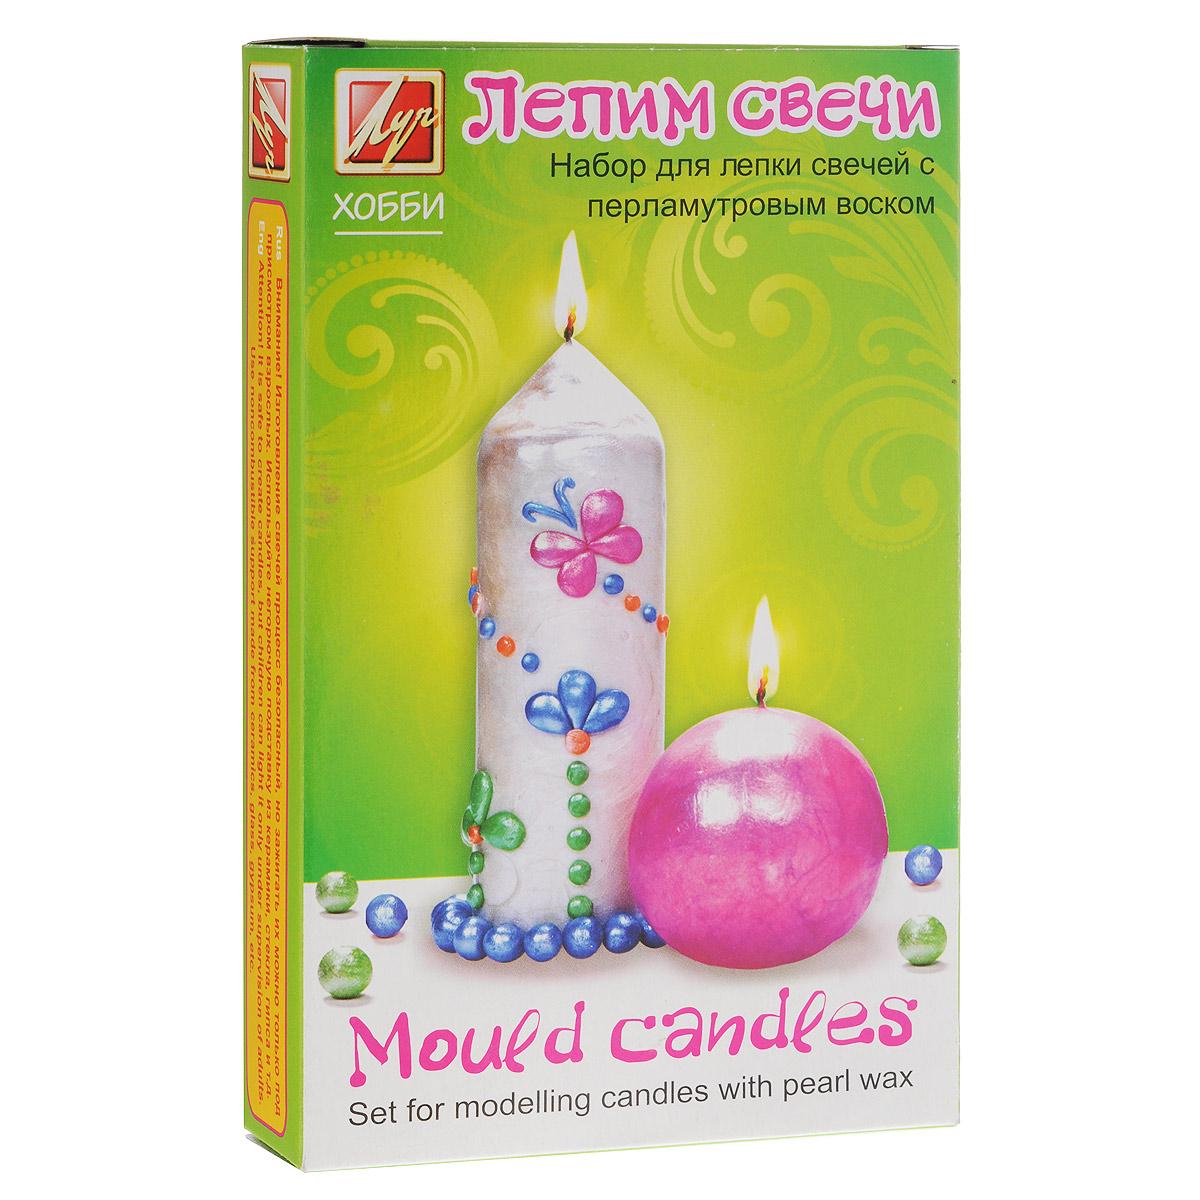 Набор для лепки свечей Луч. 20С 1359-0820С 1359-08Набор Луч - это уникальный набор для изготовления свечей в домашних условиях. Вам не придется подвергать воск дополнительной термической обработке. Это простой и доступный способ сделать красивую свечу с ребенком. Мягкий и пластичный цветной воск хорошо формируется, а яркий цвет восковых пластин позволяет максимально проявить фантазию и сделать оригинальные фигурки-свечи, которые украсят ваш дом. Друзья и знакомые будут рады подарку, сделанному вашими руками. Воск для лепки - это еще и материал, в процессе занятий с которым у детей формируются творческие способности, развиваются образное мышление и мелкая моторика рук. Самыми особенными свечи получаются, когда их делаешь сам! В набор входит: - воск (5 цветов); - фитиль; - стек; - инструкция на русском языке.